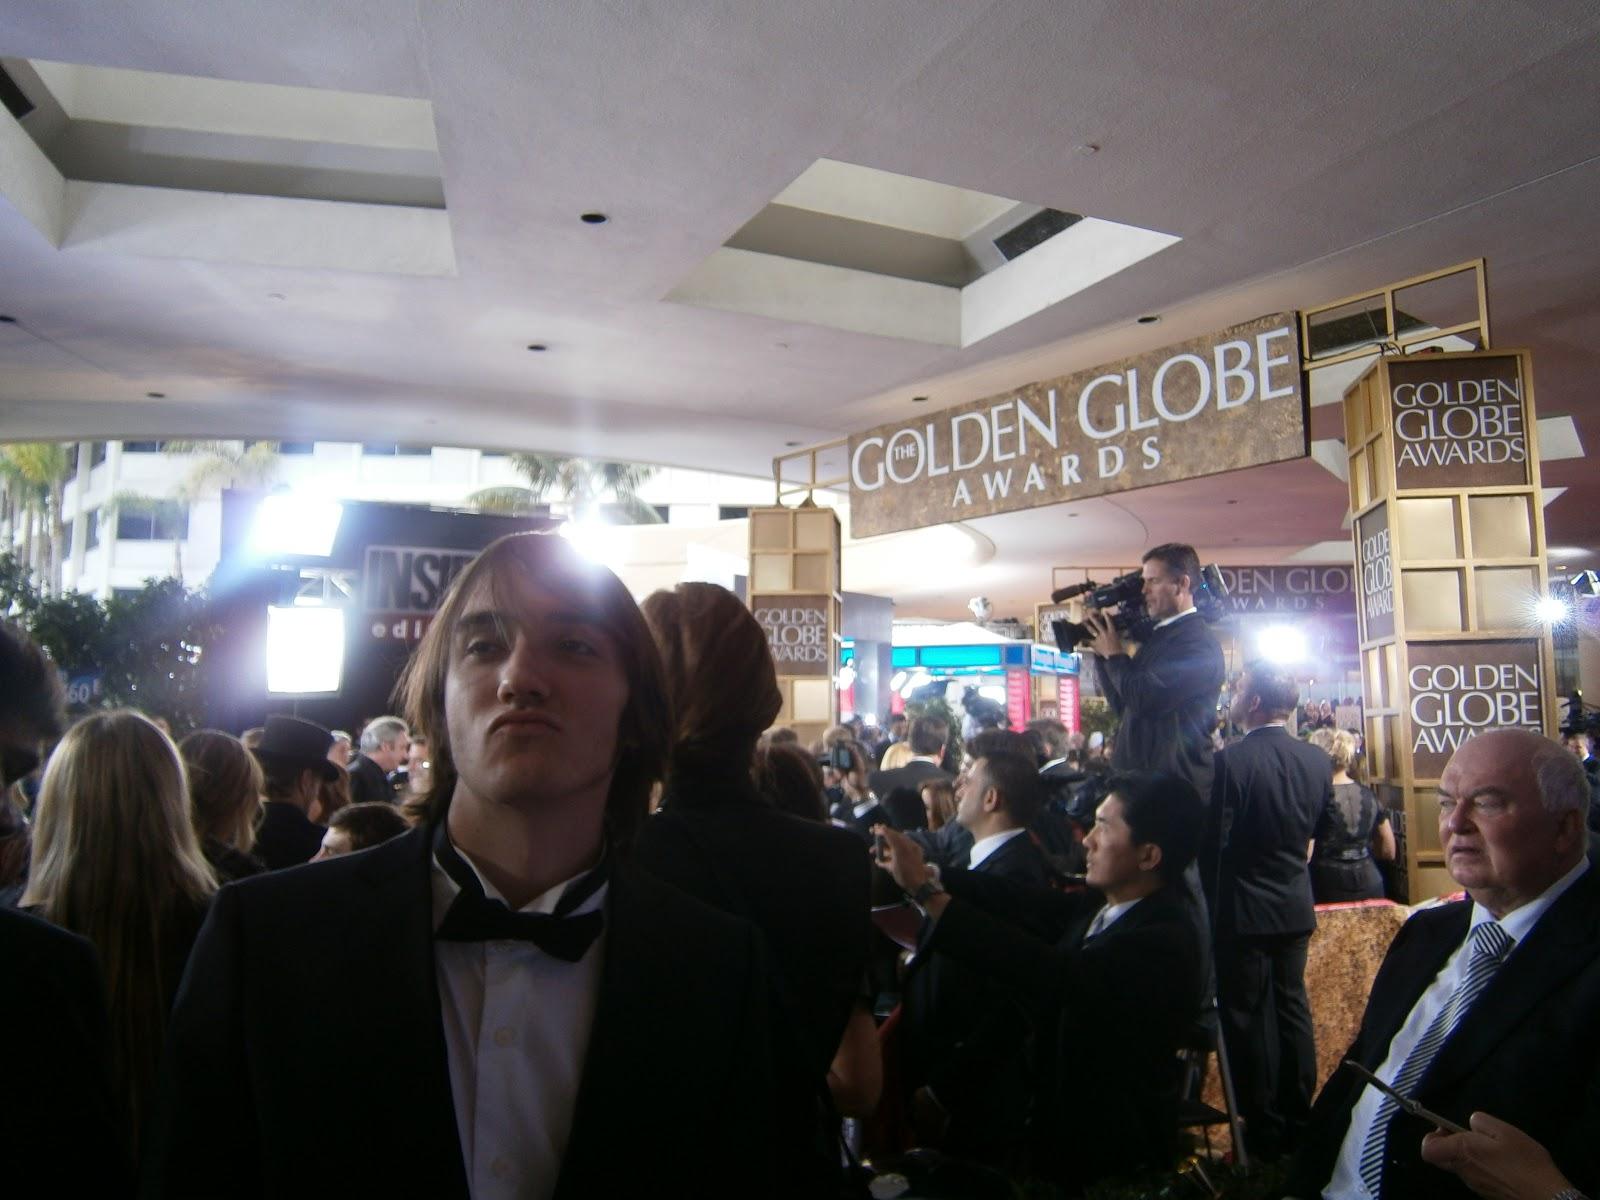 http://2.bp.blogspot.com/-ClfSZ3jFh3A/TxP5u_ksKzI/AAAAAAAAAno/GVnEKF7wSTE/s1600/LOGAN+YUZNA+GOLDEN+GLOBES+2012.JPG